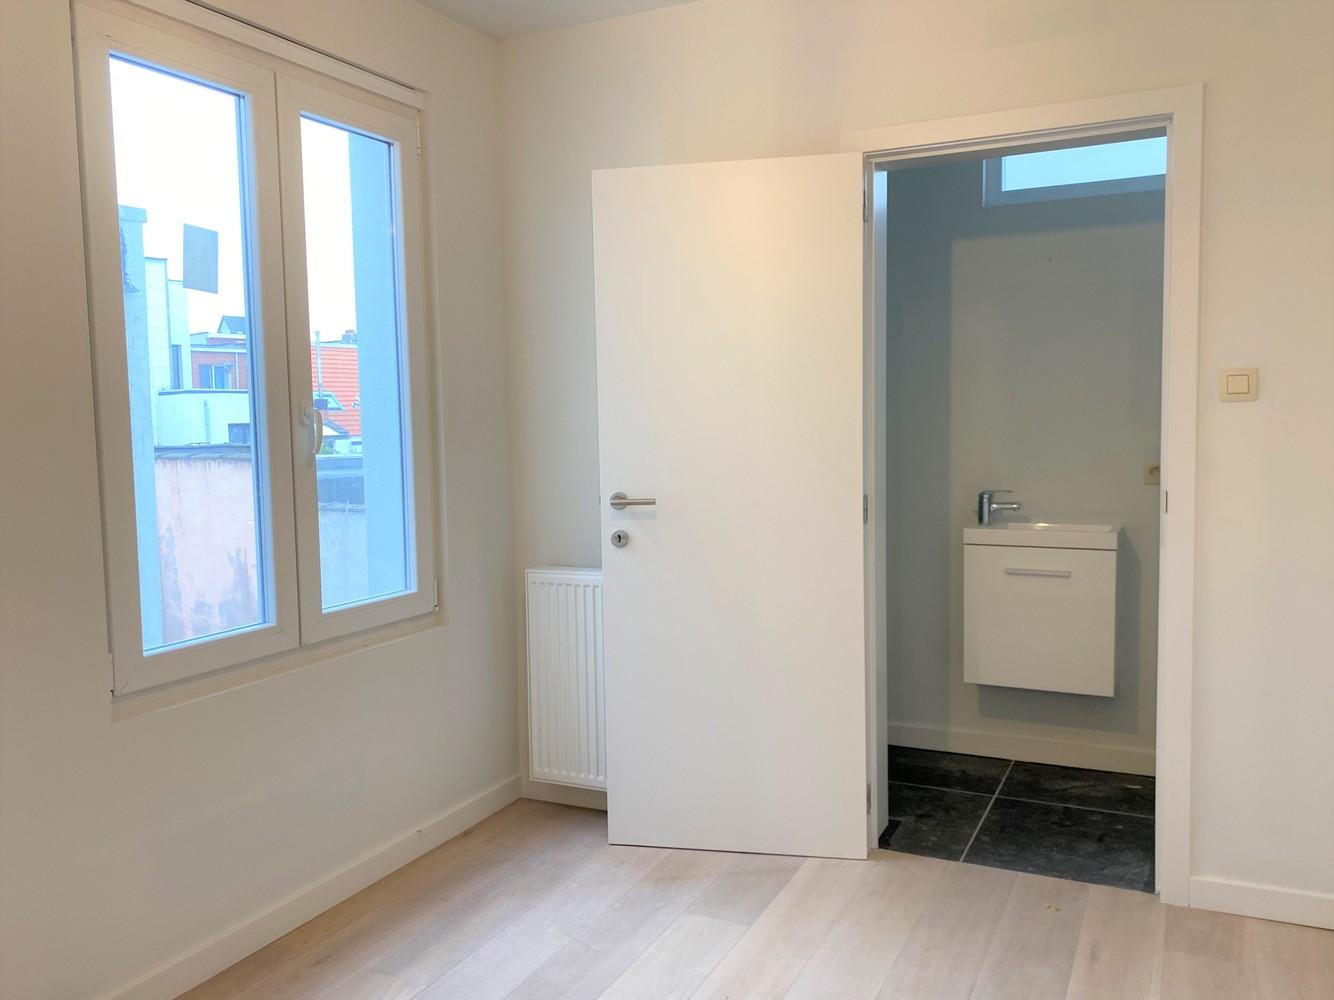 Volledig gerenoveerd appartement met 2 slk op centrale locatie in Borgerhout afbeelding 10